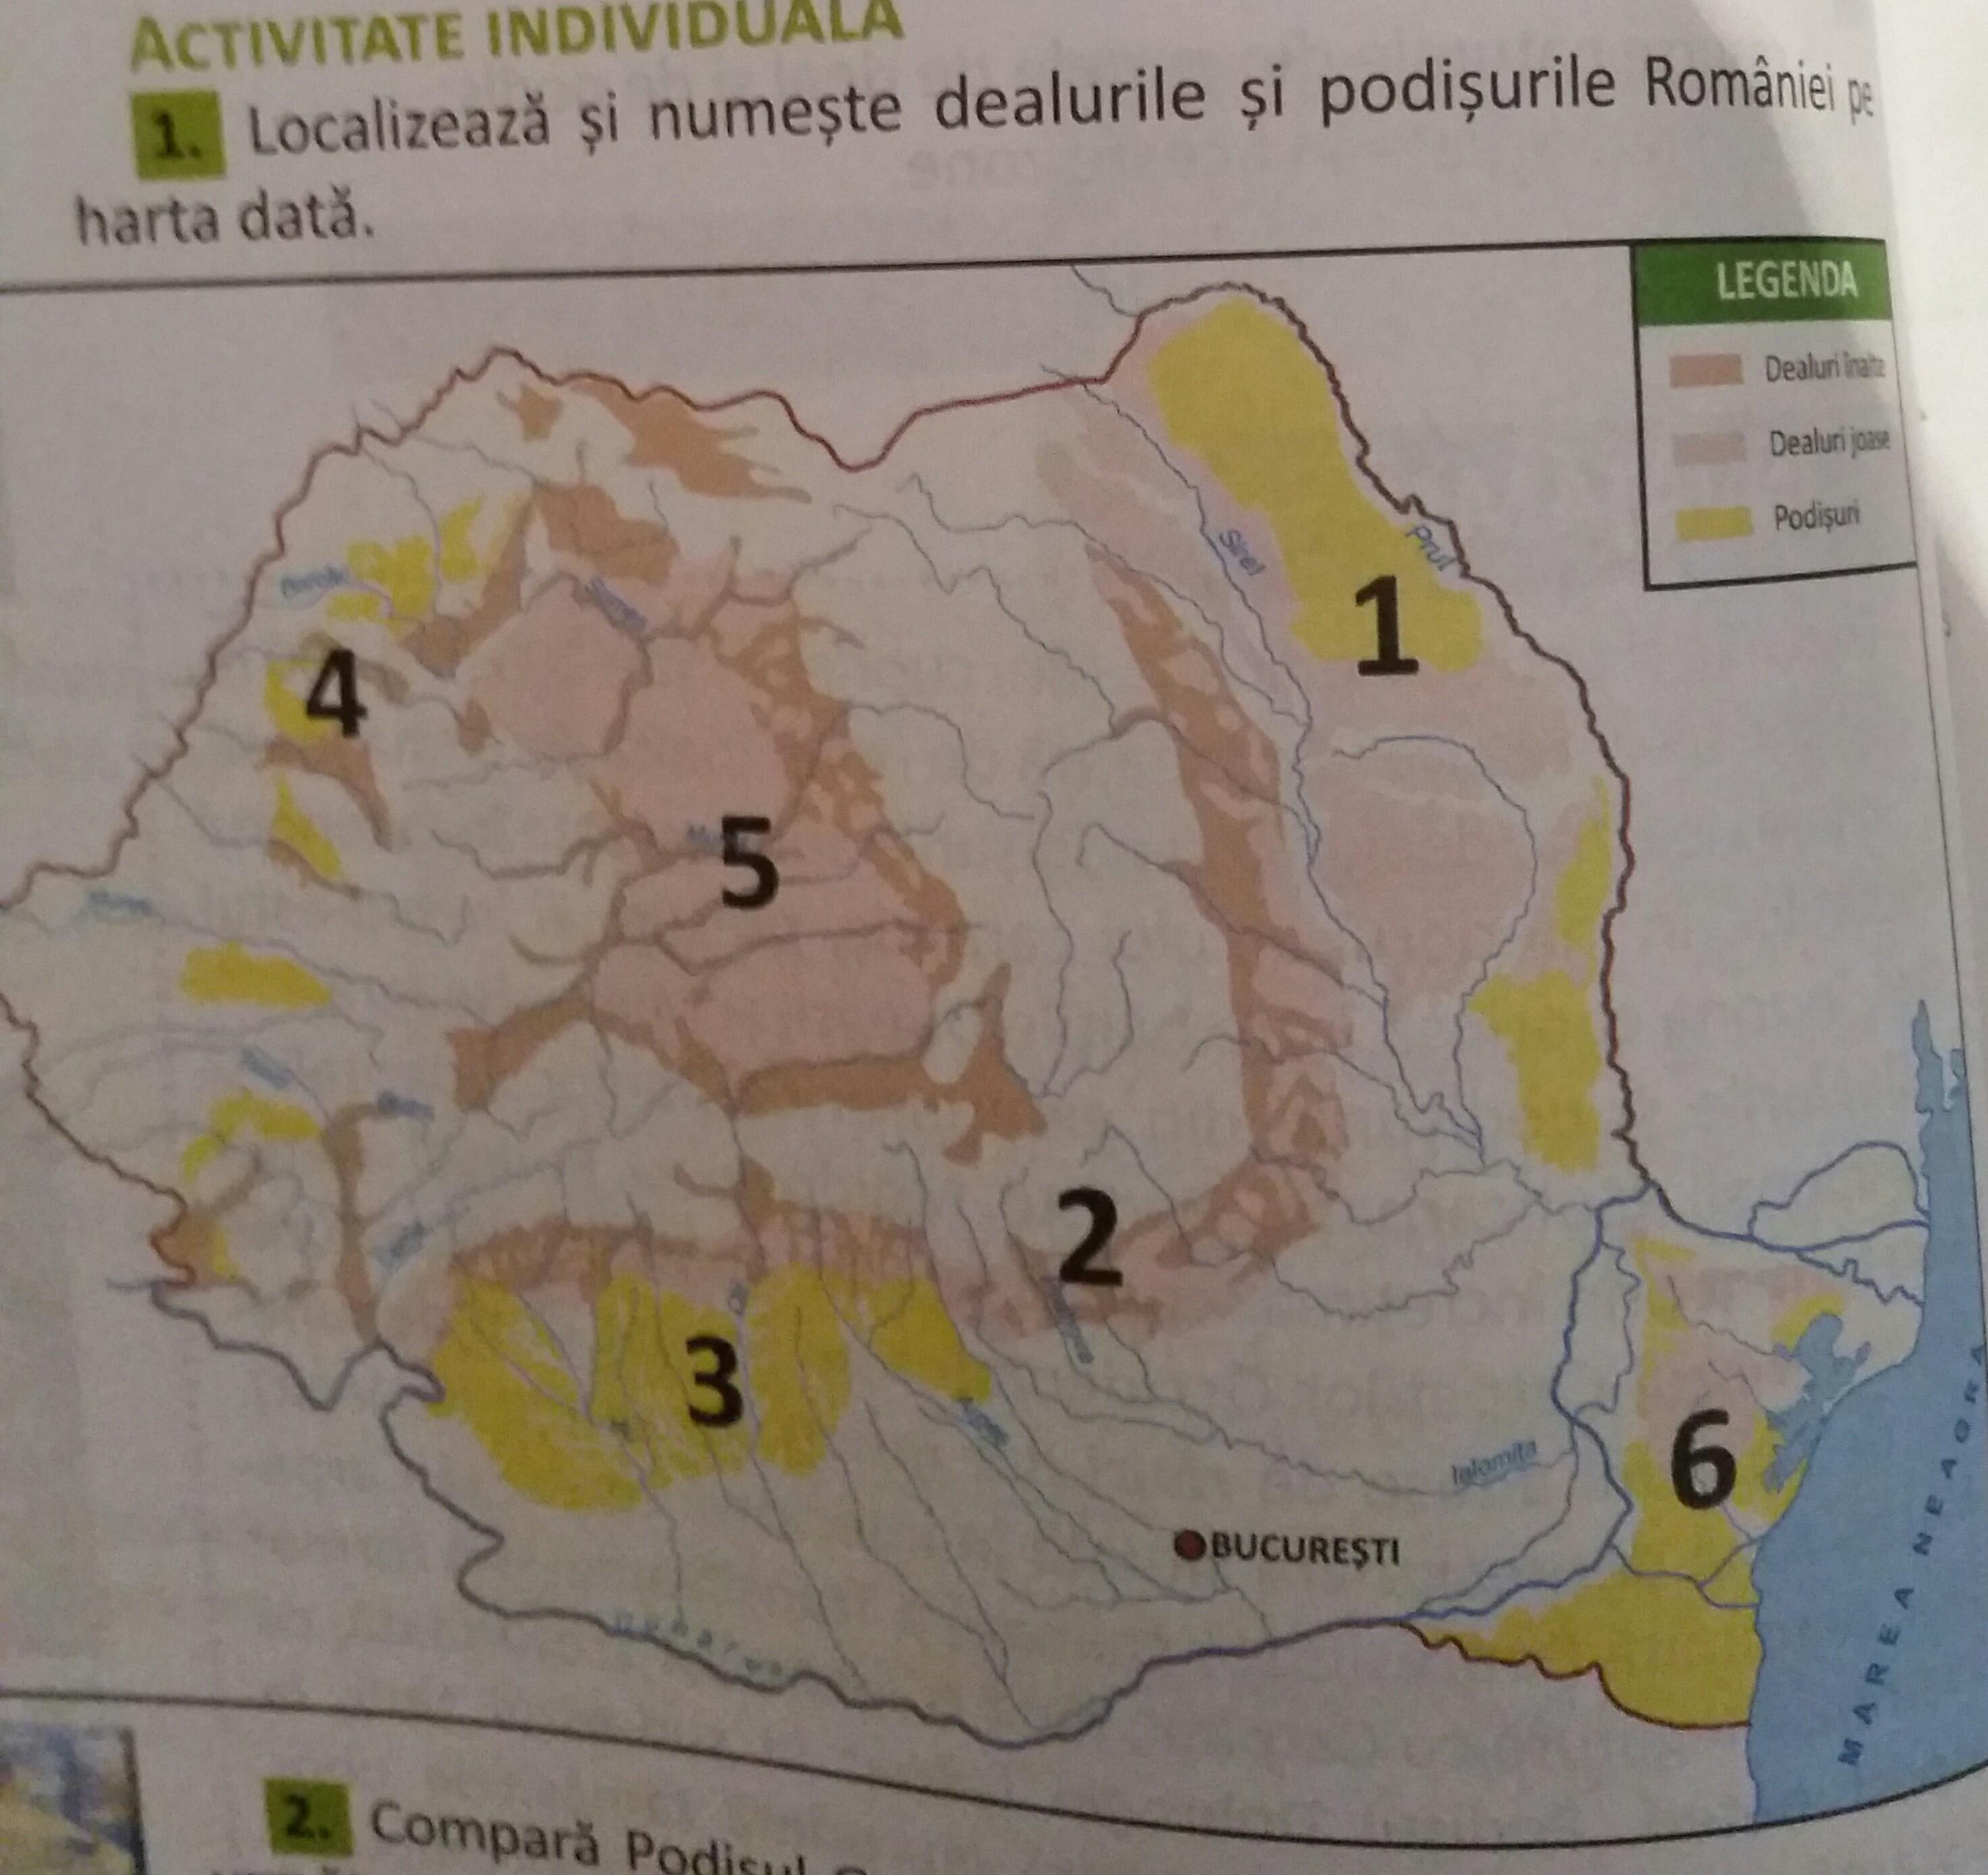 Localizeaza Si Numeste Dealurile Si Podisurile Romaniei Pe Harta